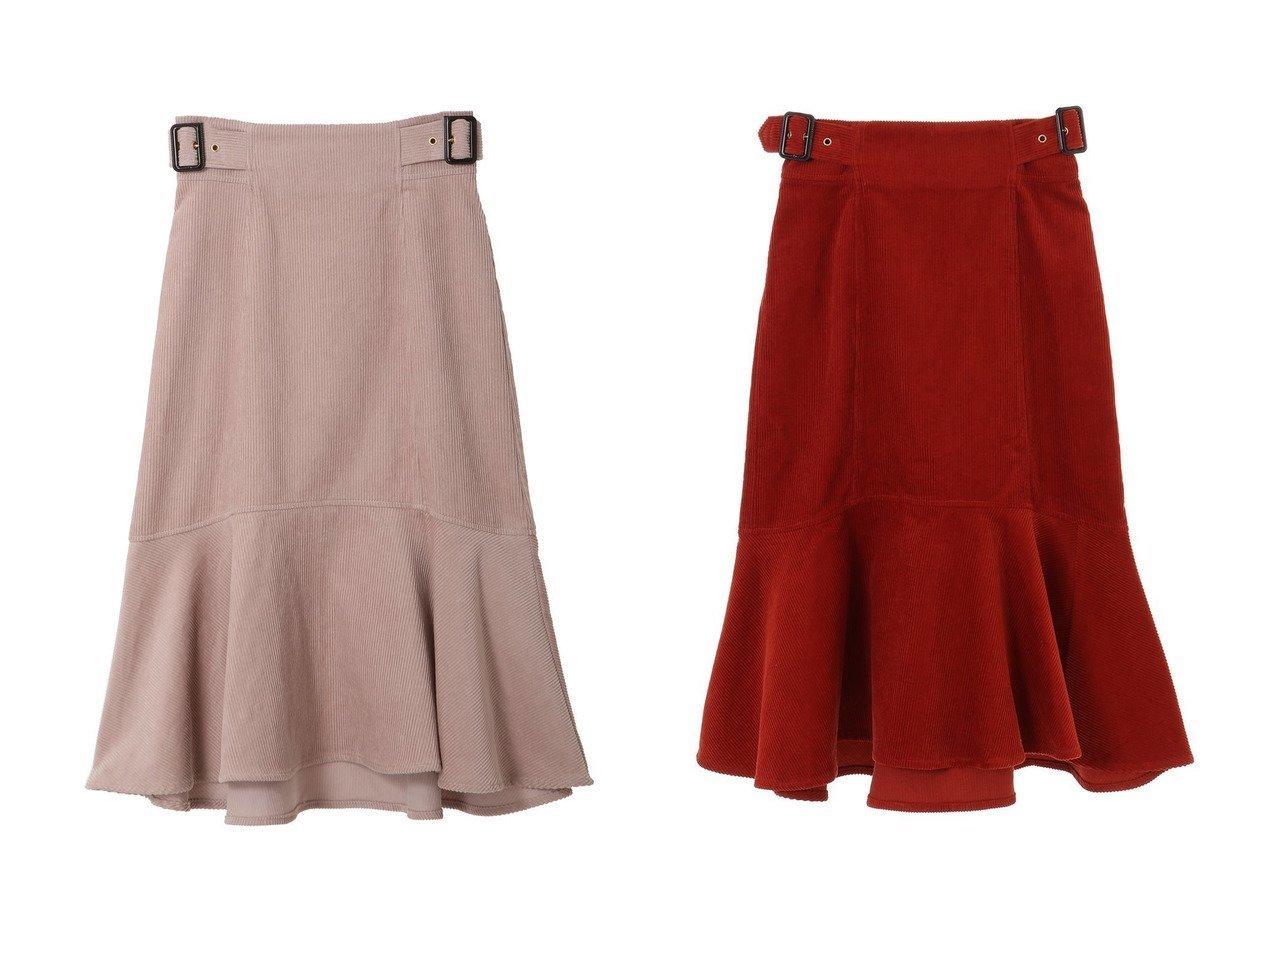 【31 Sons de mode/トランテアン ソン ドゥ モード】のコーデュロイマーメイドスカート 【スカート】おすすめ!人気、トレンド・レディースファッションの通販 おすすめで人気の流行・トレンド、ファッションの通販商品 インテリア・家具・メンズファッション・キッズファッション・レディースファッション・服の通販 founy(ファニー) https://founy.com/ ファッション Fashion レディースファッション WOMEN スカート Skirt コーデュロイ トレンド フレア マーメイド 冬 Winter A/W・秋冬 AW・Autumn/Winter・FW・Fall-Winter 2021年 2021 2021-2022秋冬・A/W AW・Autumn/Winter・FW・Fall-Winter・2021-2022 |ID:crp329100000071371